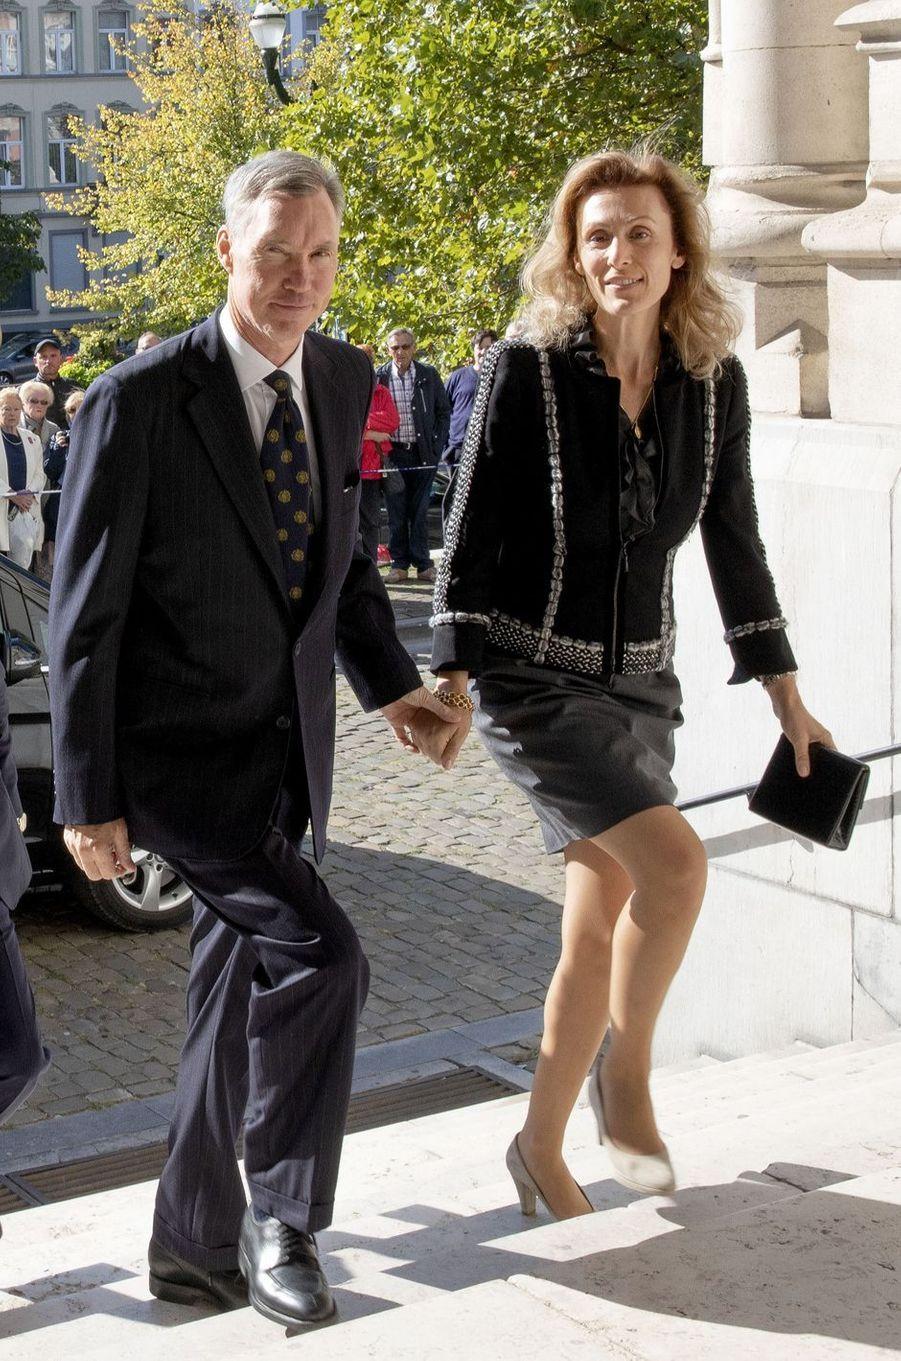 Le prince Guillaume de Luxembourg et sa femme la princesse Sibilla à Laeken, le 8 septembre 2018